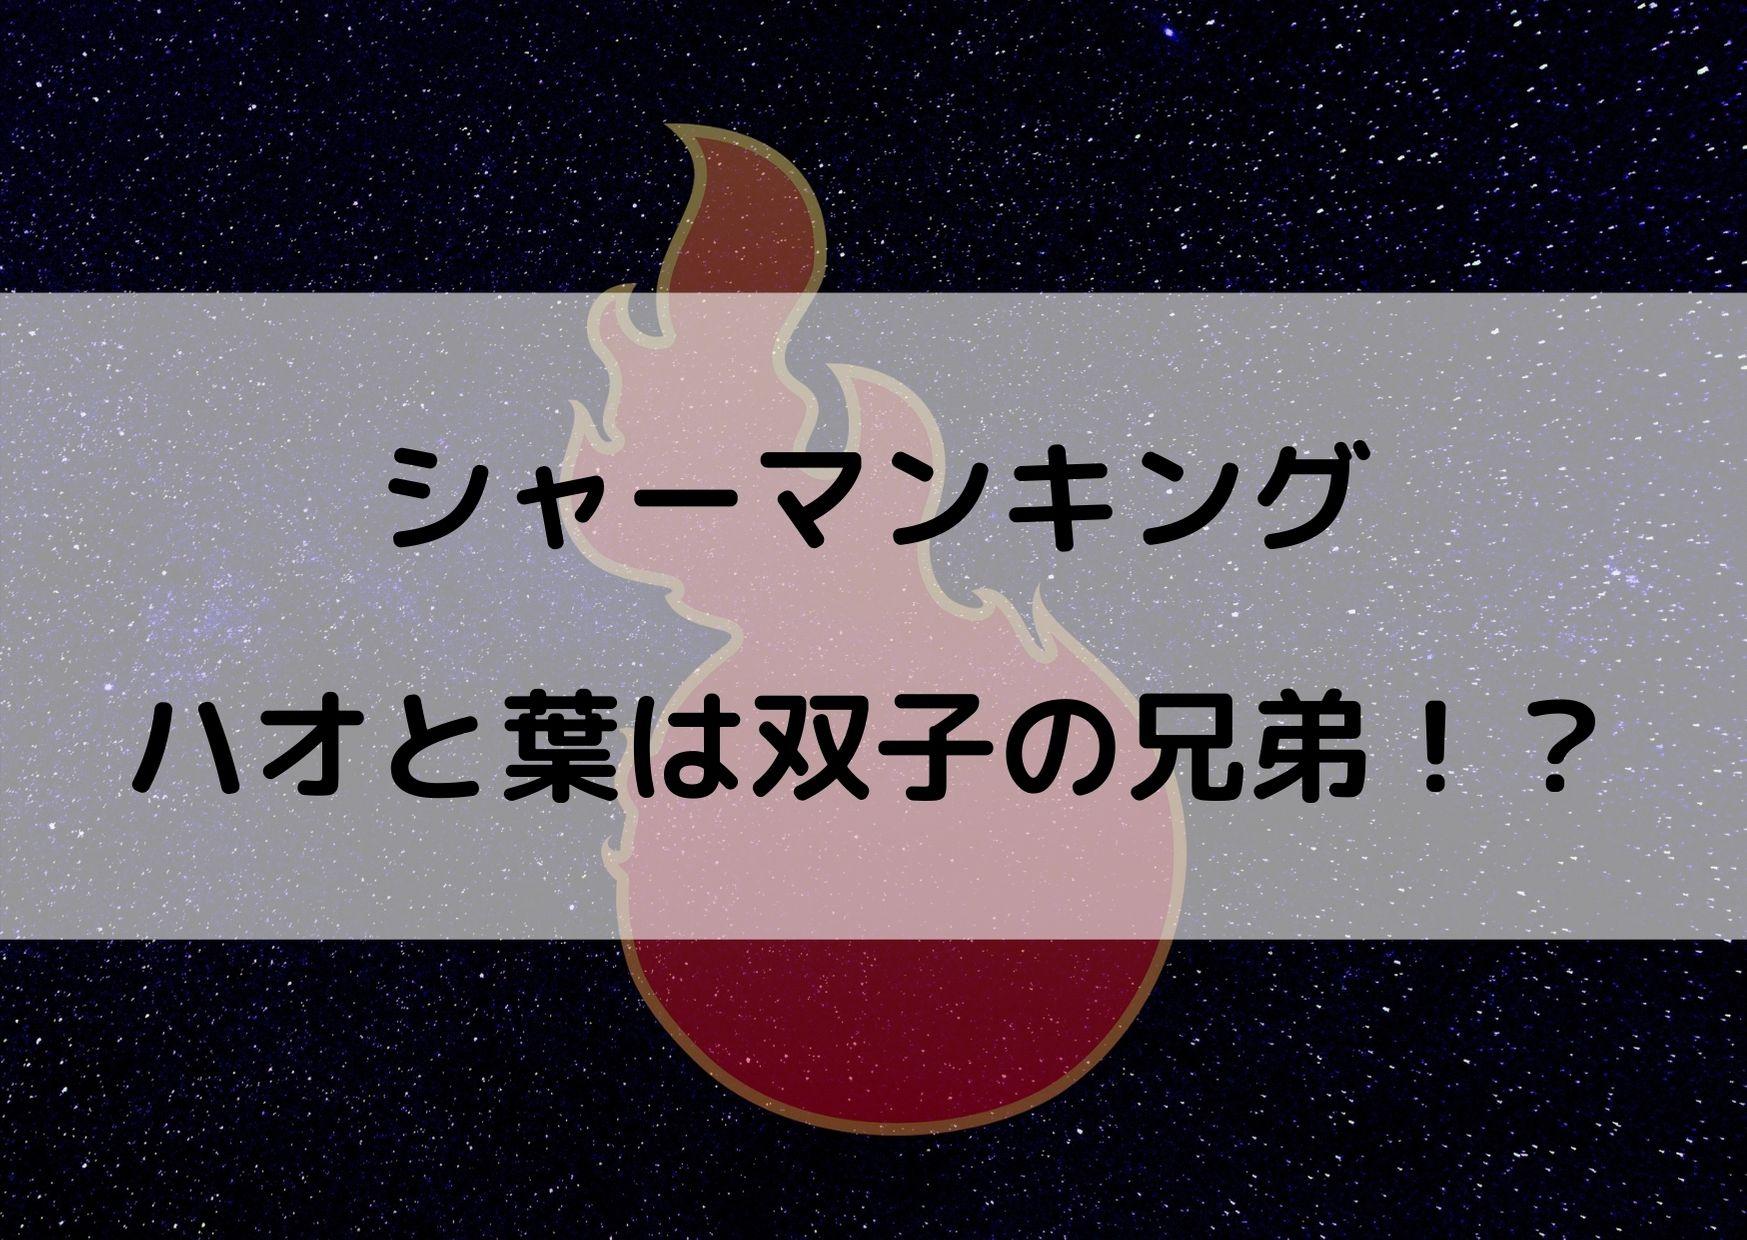 シャーマンキング ハオ 葉 関係